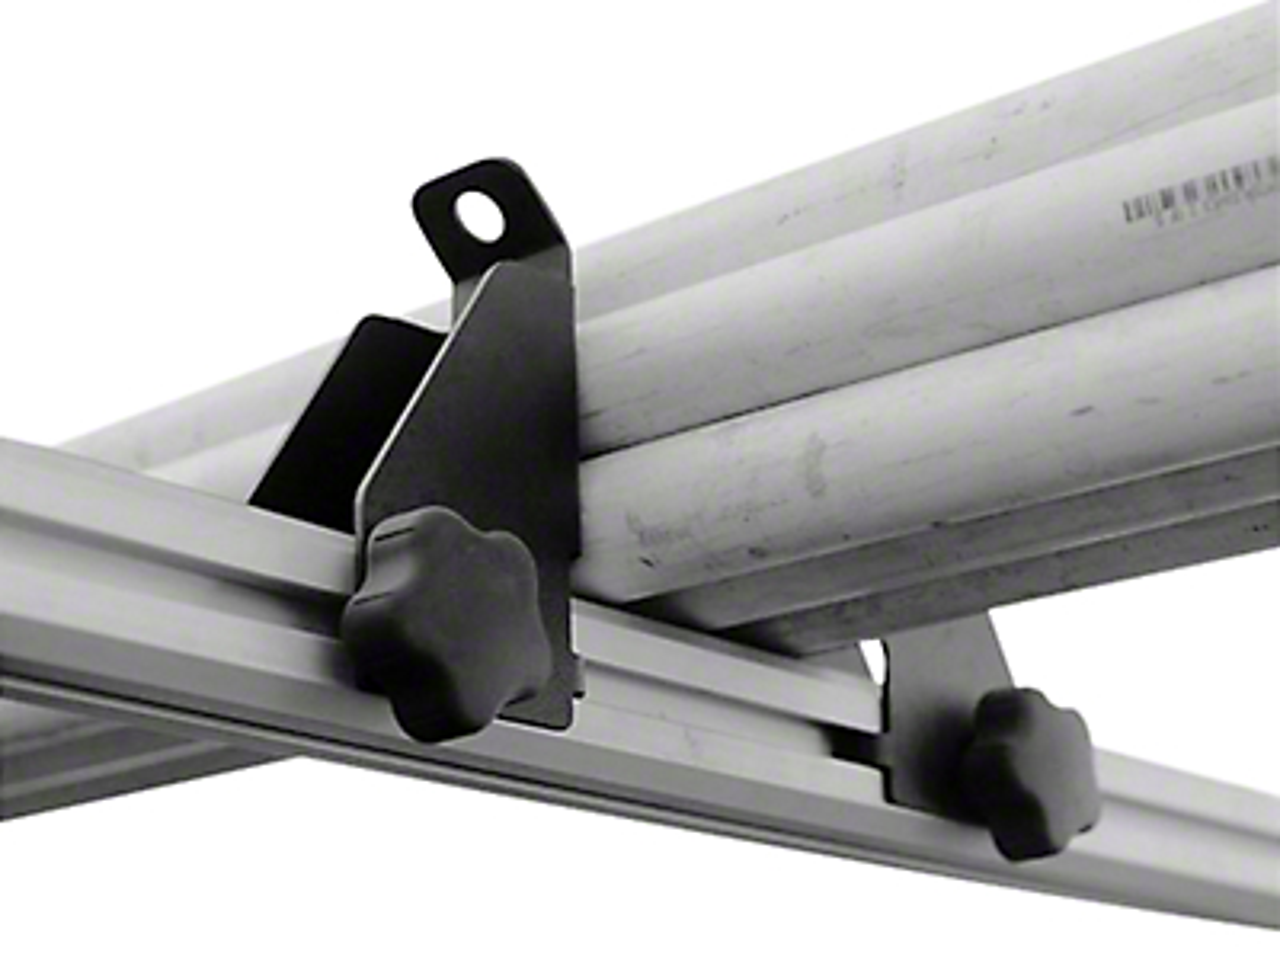 Leitner Designs Bed Rack Load Stops (07-18 Silverado 1500)